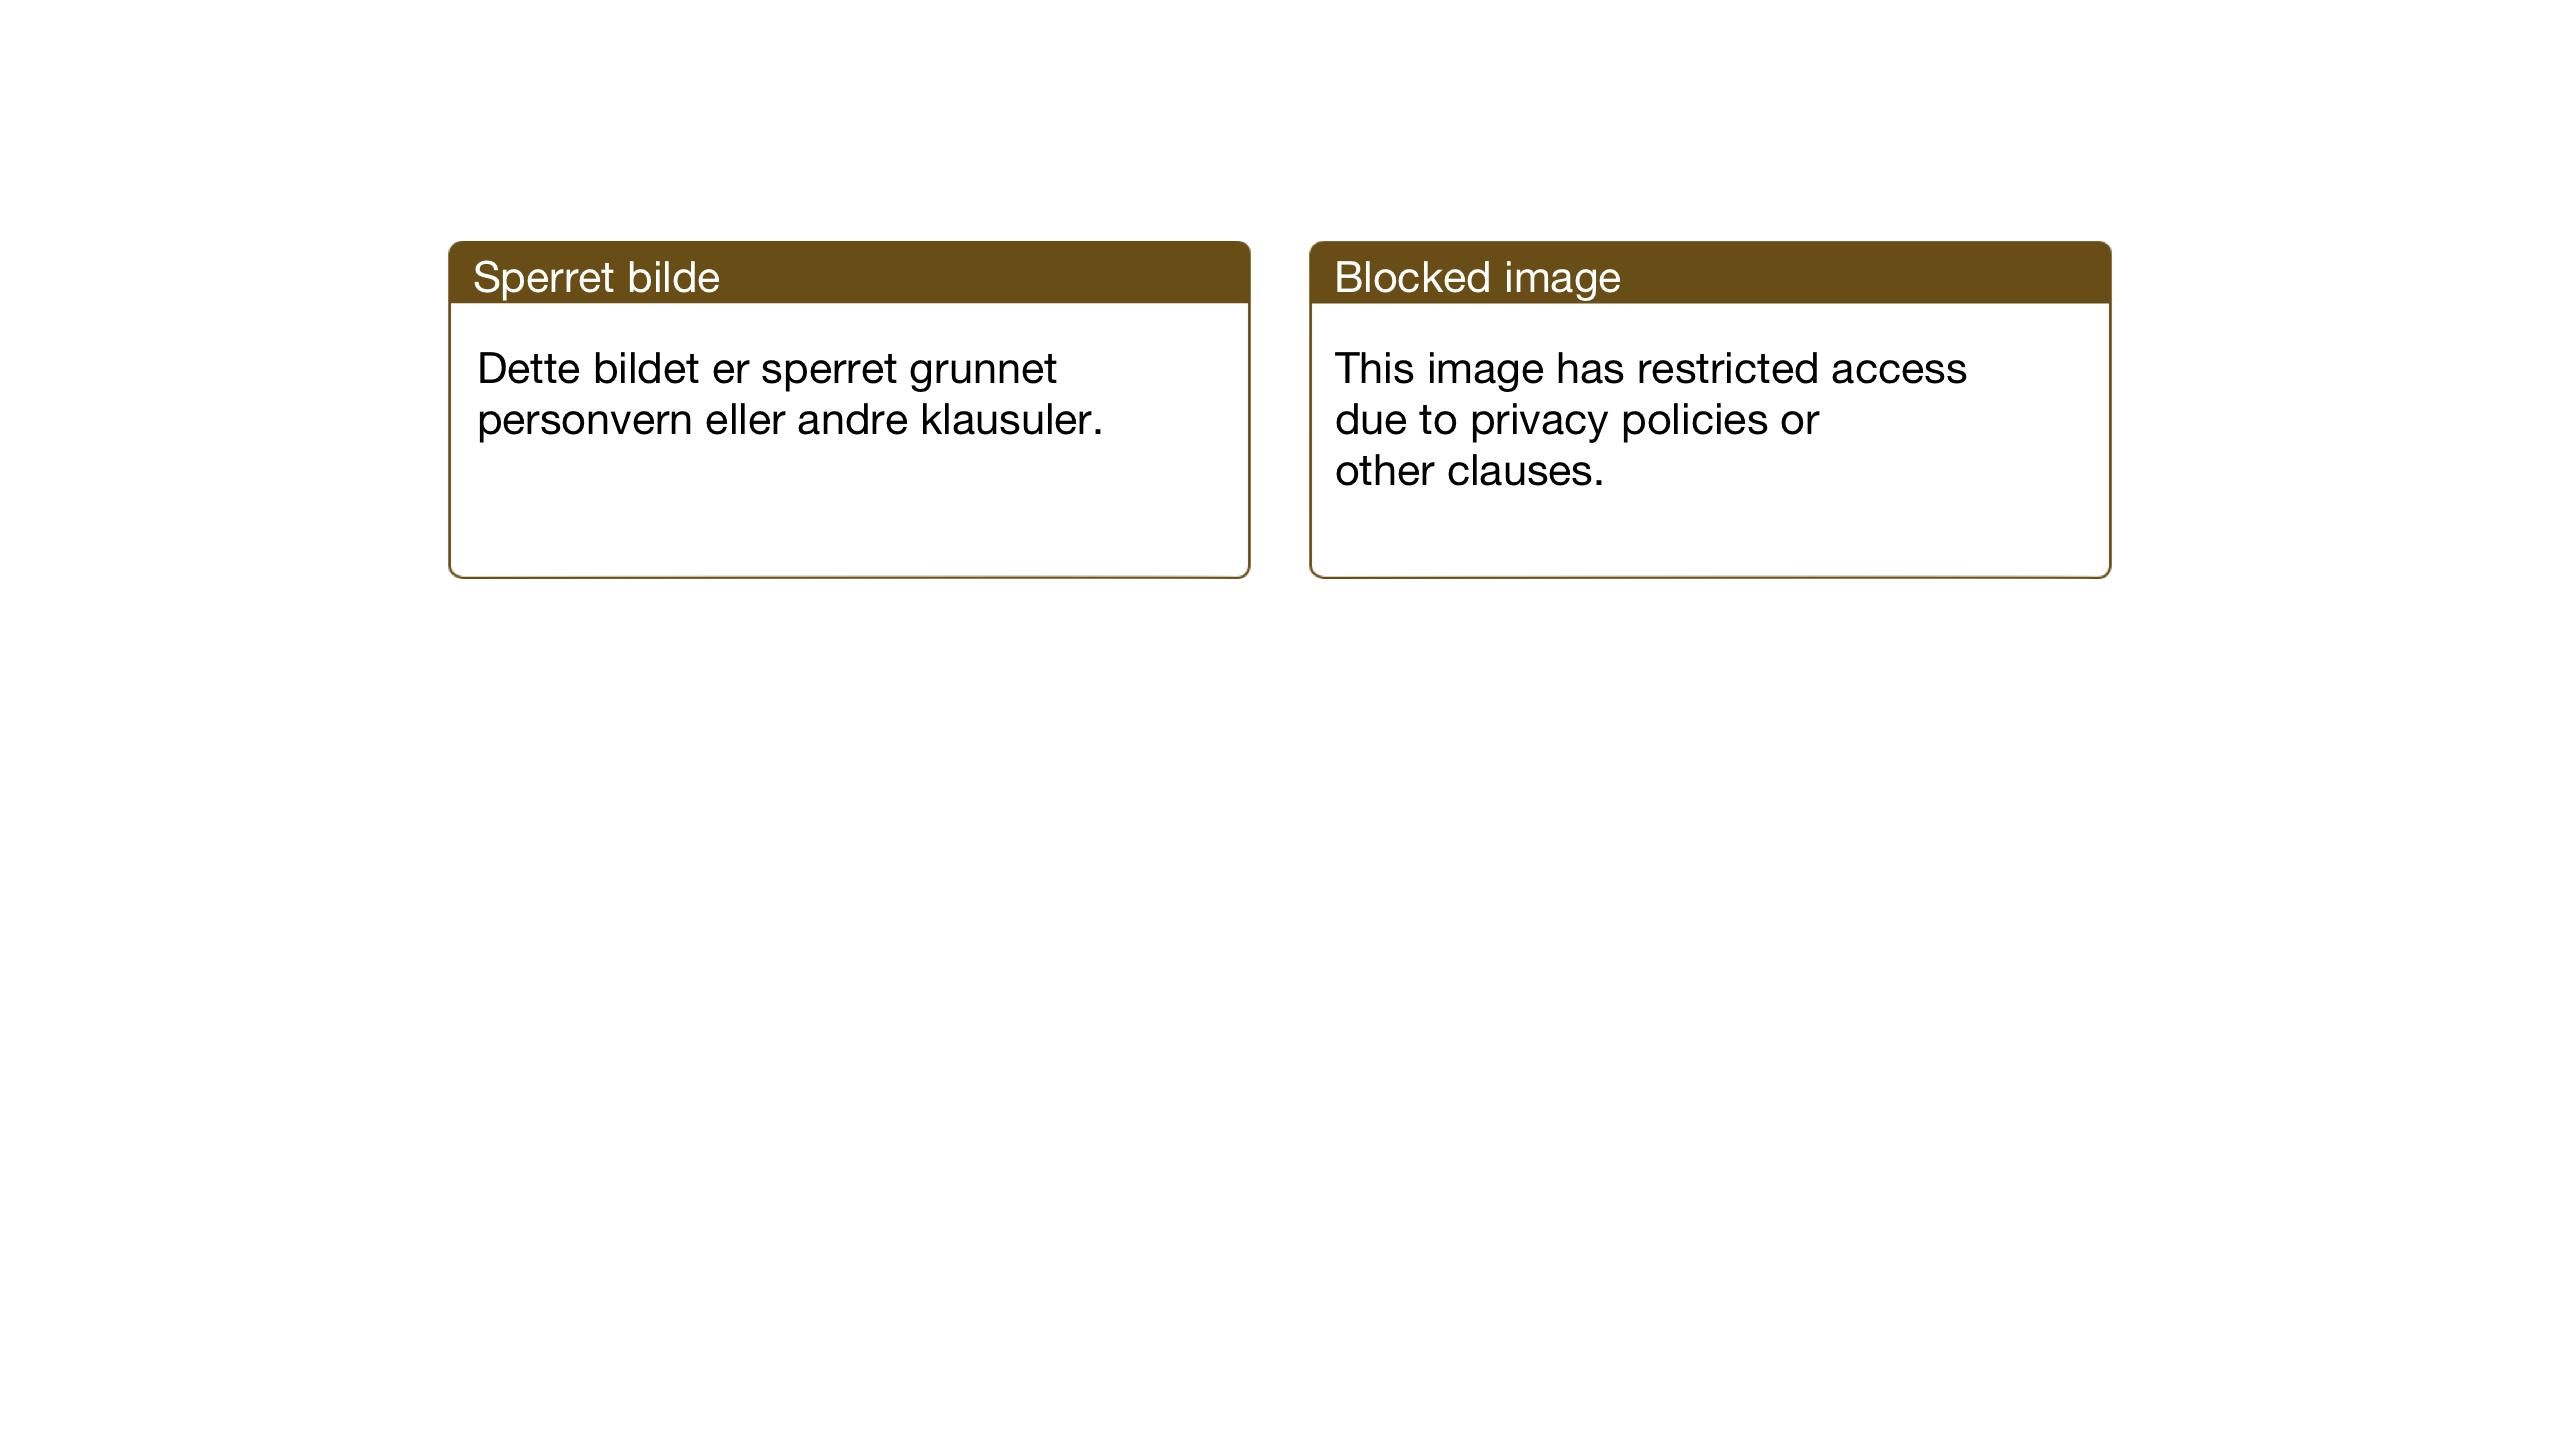 SAT, Ministerialprotokoller, klokkerbøker og fødselsregistre - Sør-Trøndelag, 607/L0321: Ministerialbok nr. 607A05, 1916-1935, s. 854-855